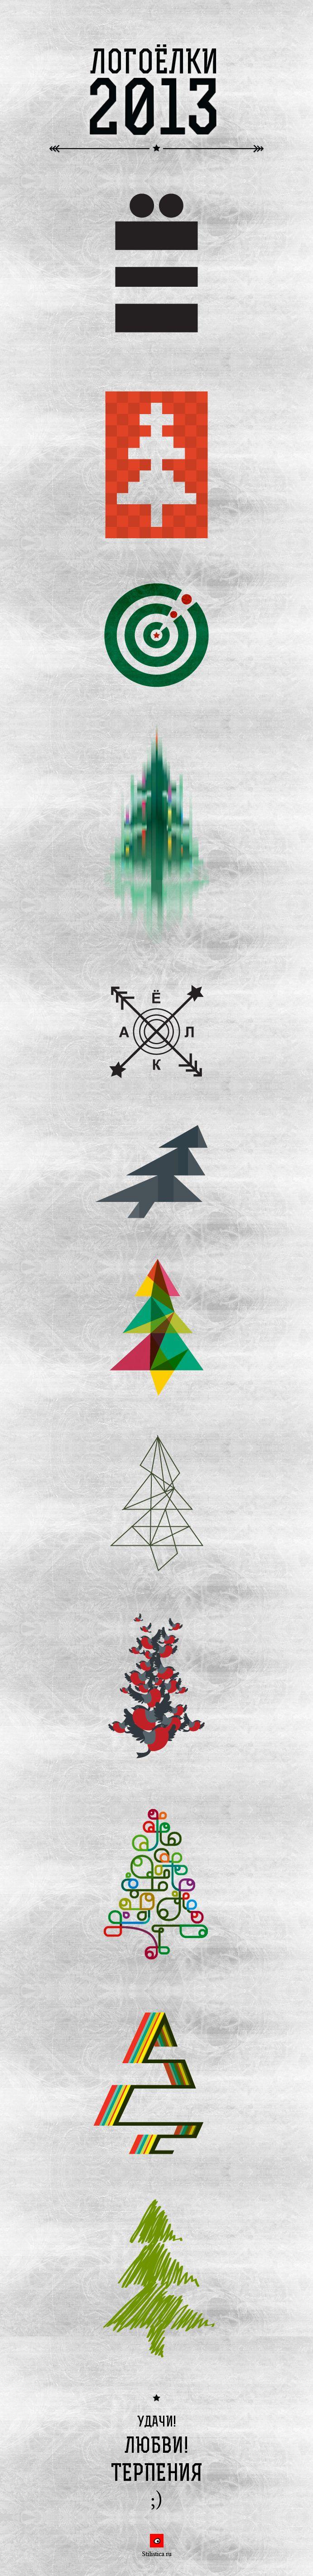 Project — LogoTree 2013 https://www.behance.net/gallery/6610757/LogoTree-2013